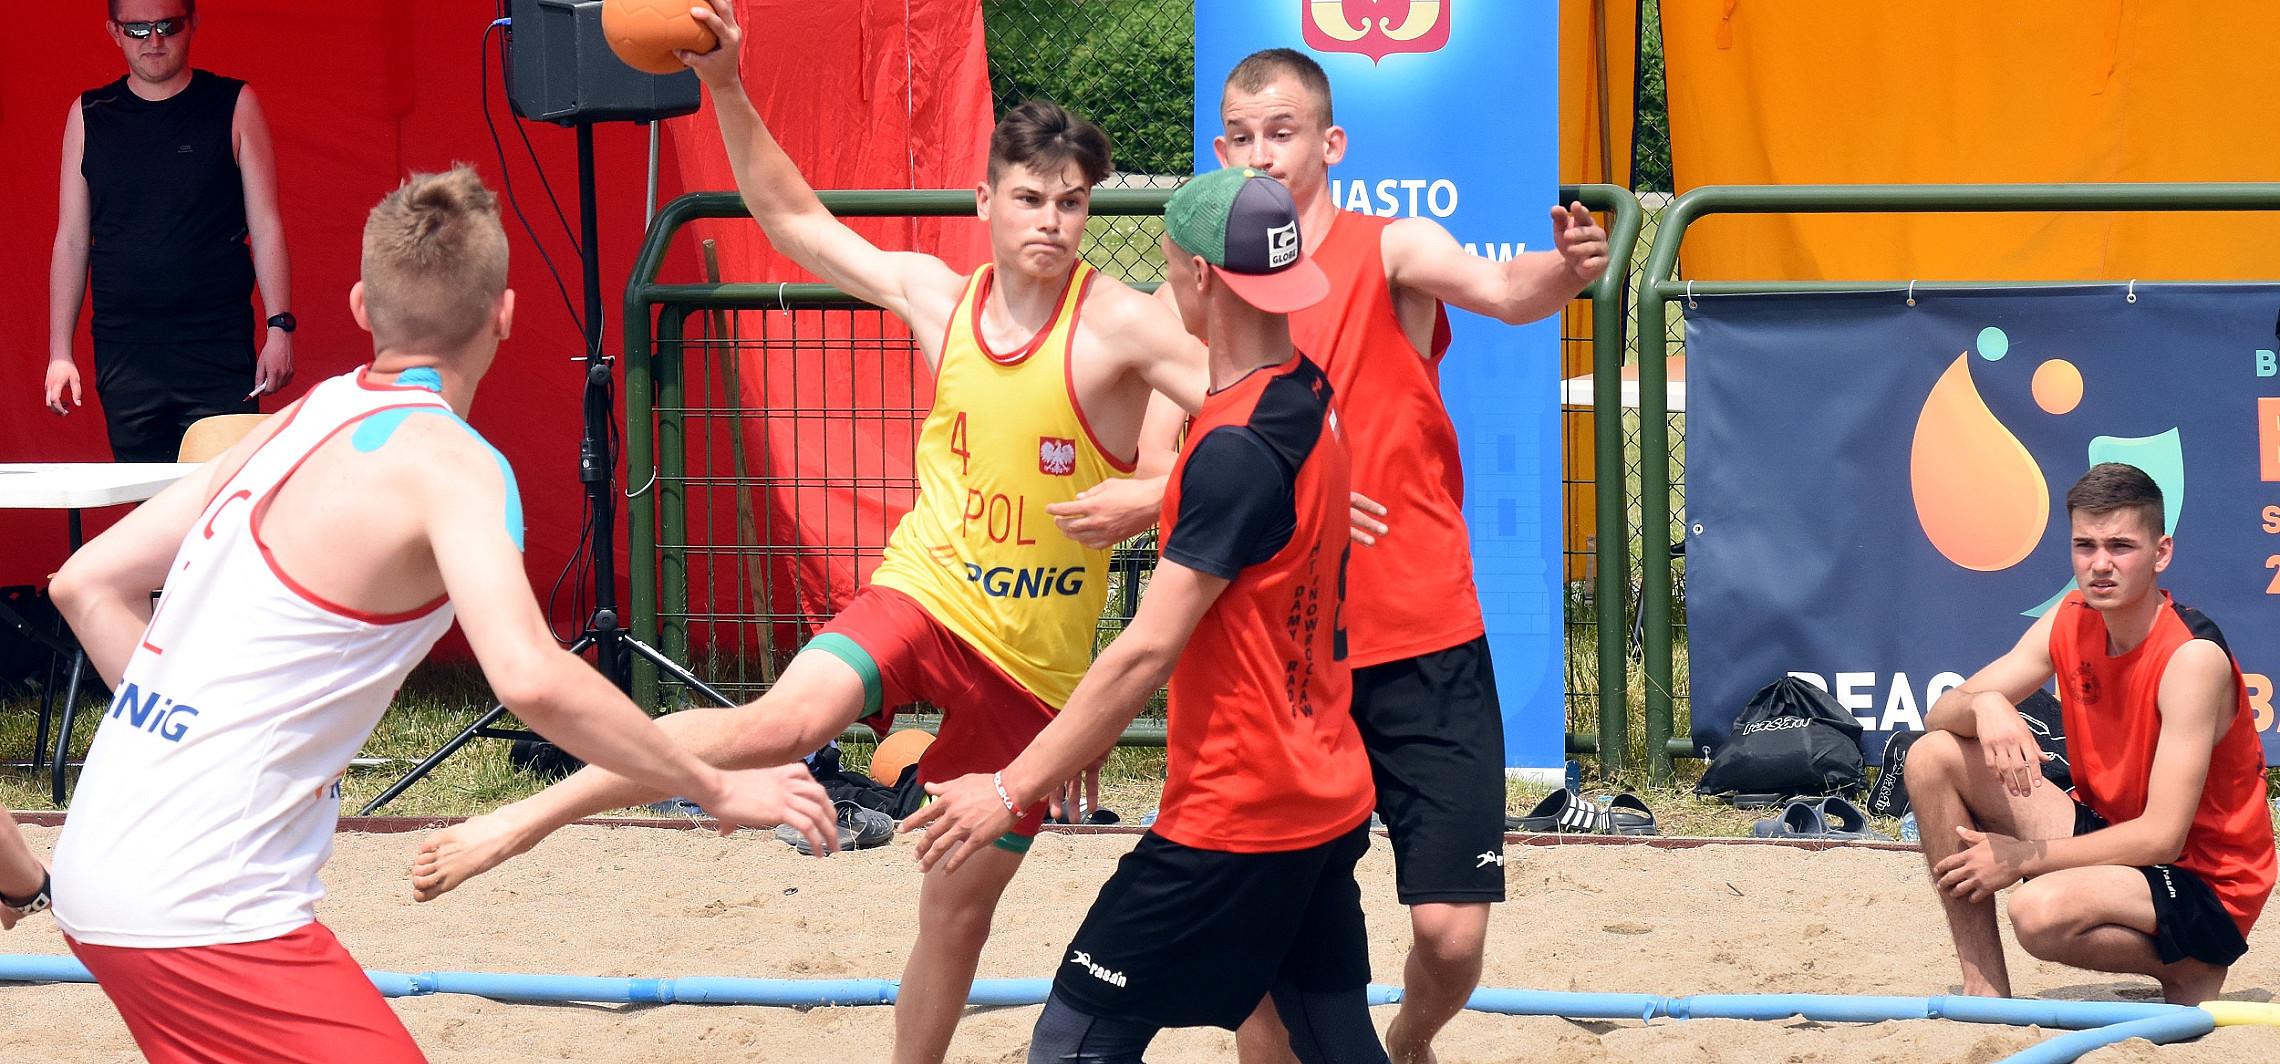 Inowrocław - Plażowy turniej oficjalnie rozpoczęty